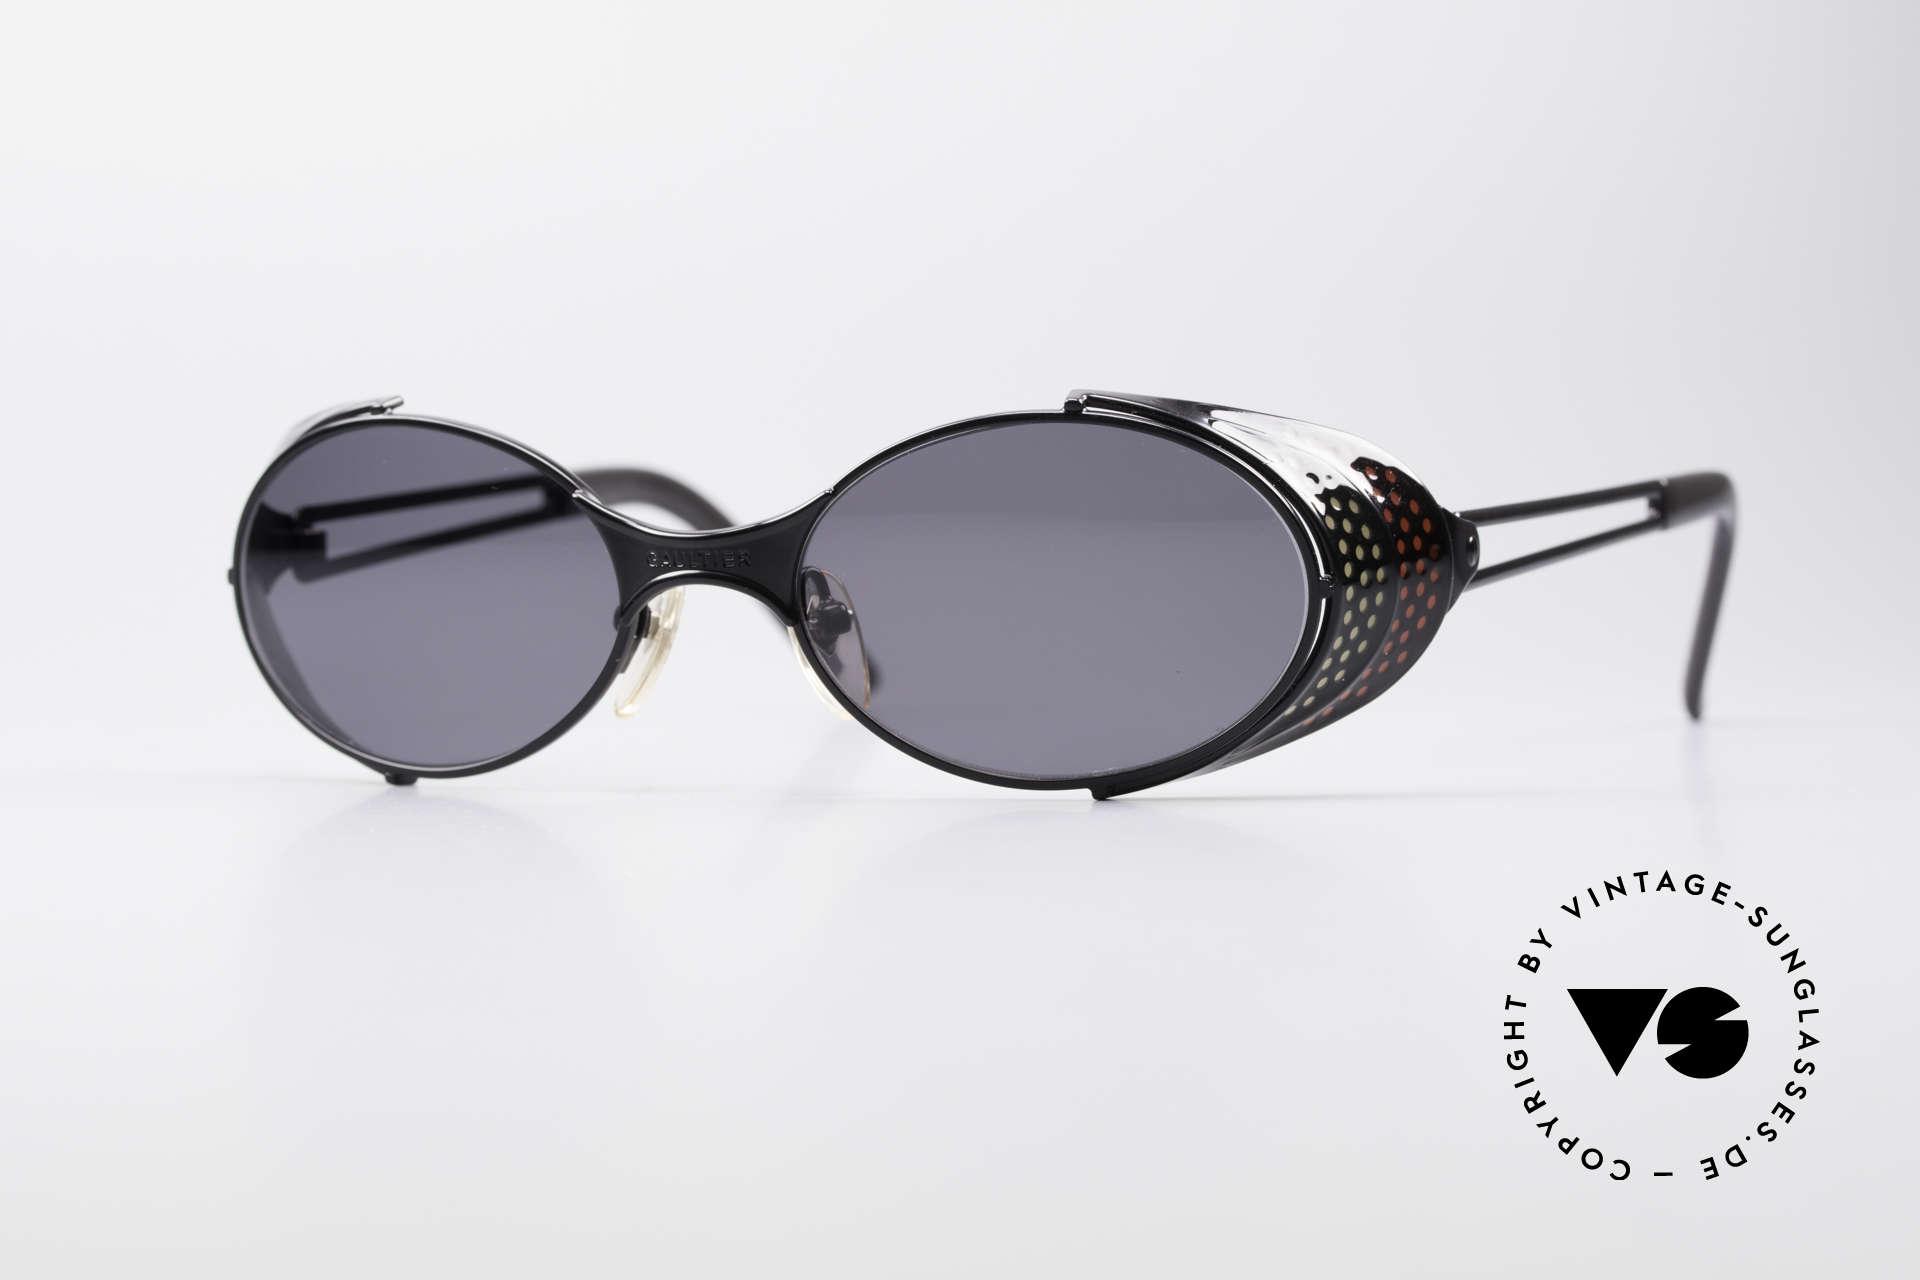 Jean Paul Gaultier 56-7109 JPG Steampunk Sonnenbrille, vintage GAULTIER Sonnenbrille aus den frühen 90ern, Passend für Herren und Damen